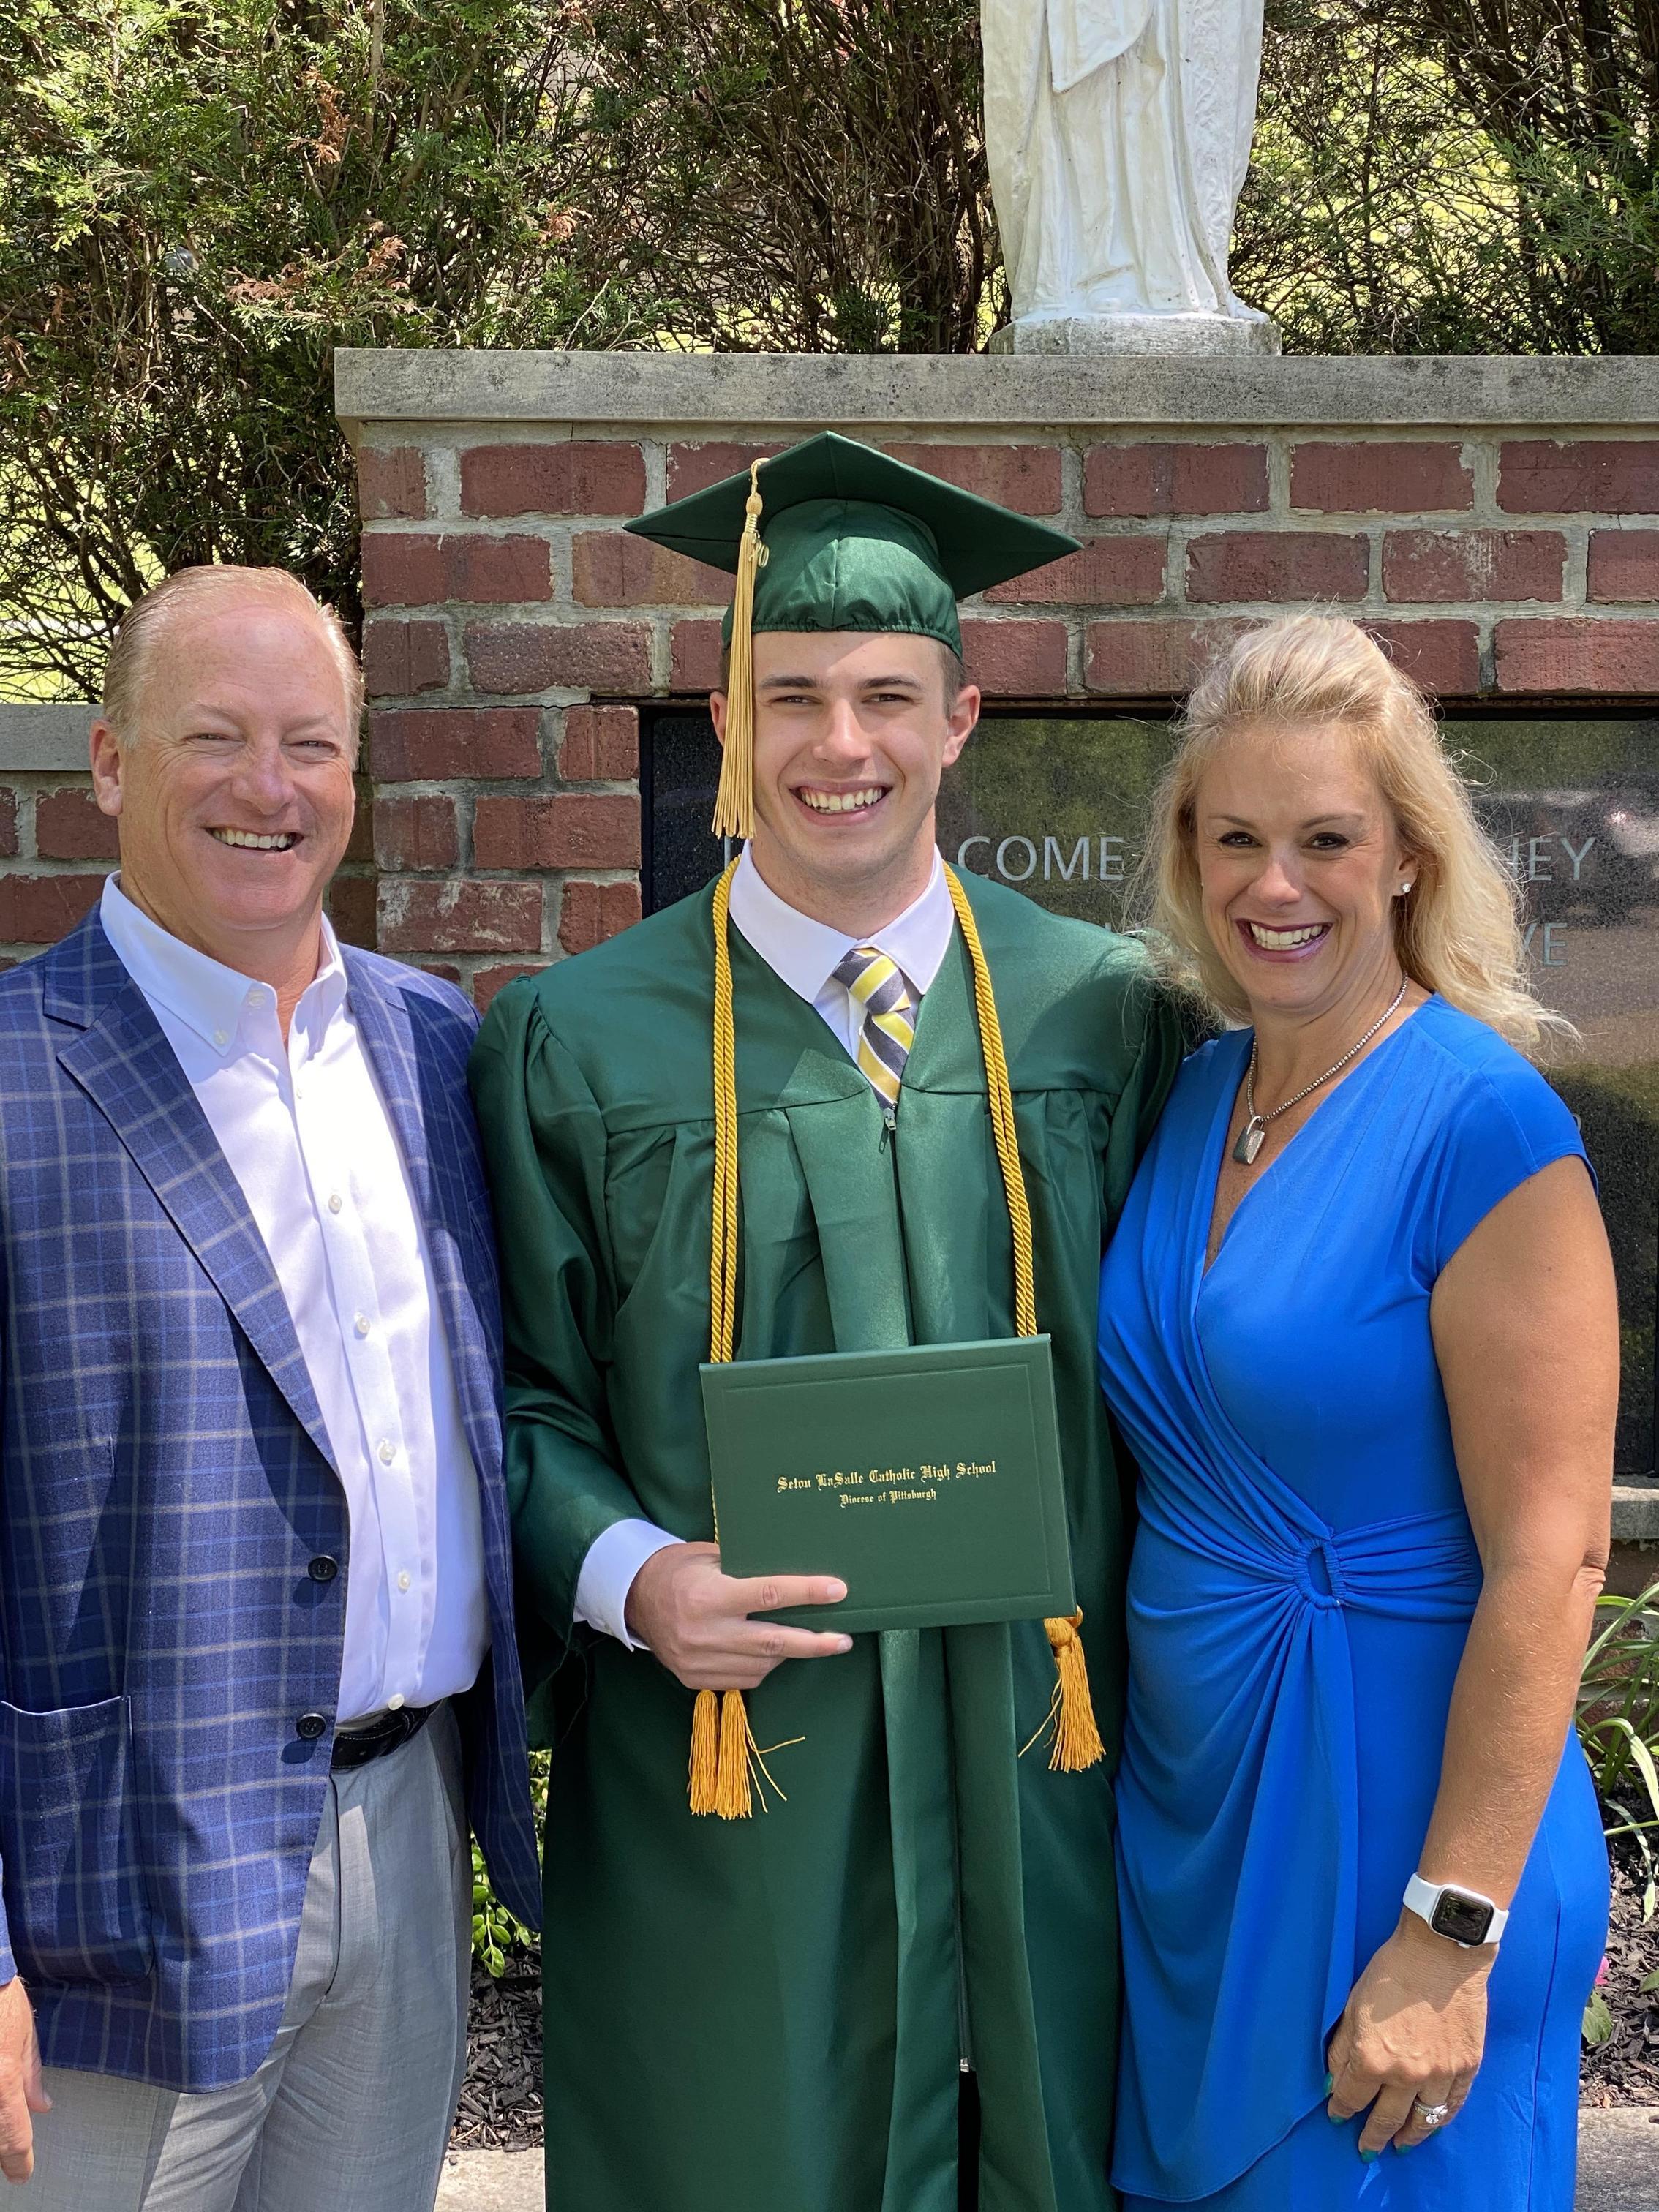 Boy graduate with parents